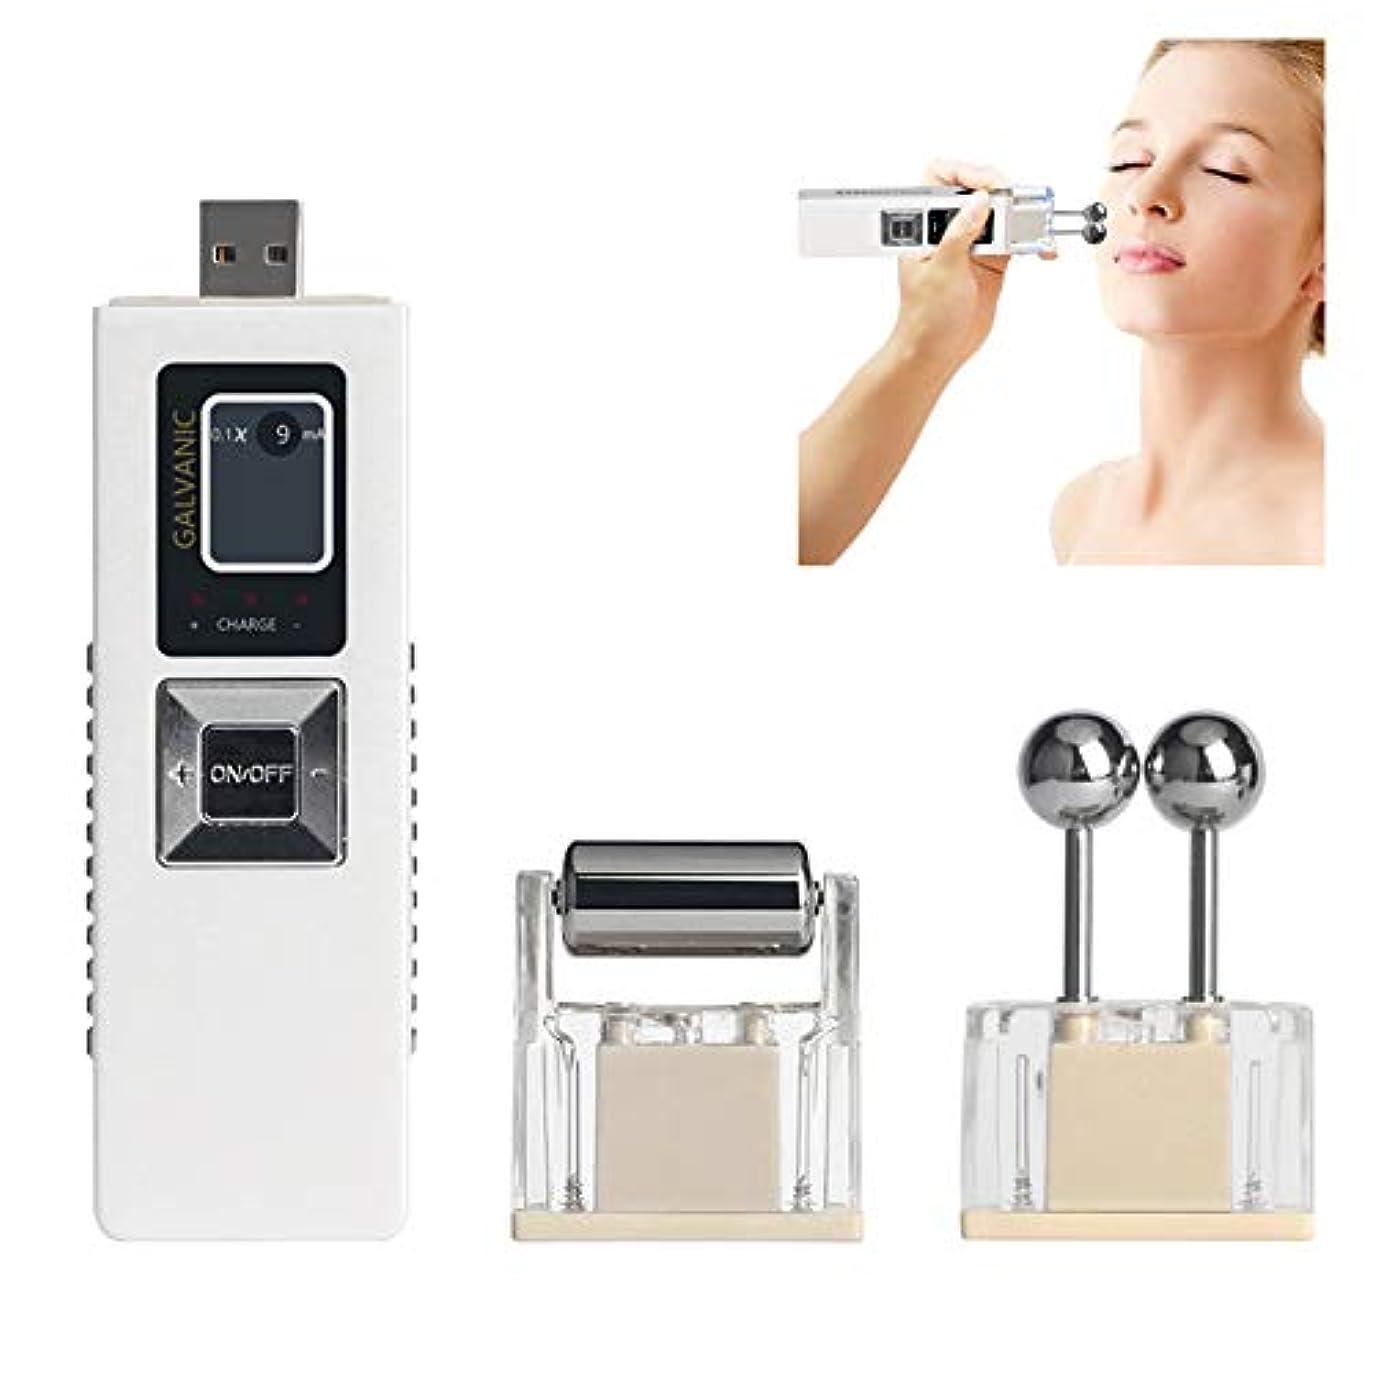 ブーム郵便局健康的引き締めフェイシャルマシンディープクリーニングイオン注入スパ美容機器フェイシャルスパサロンビューティー